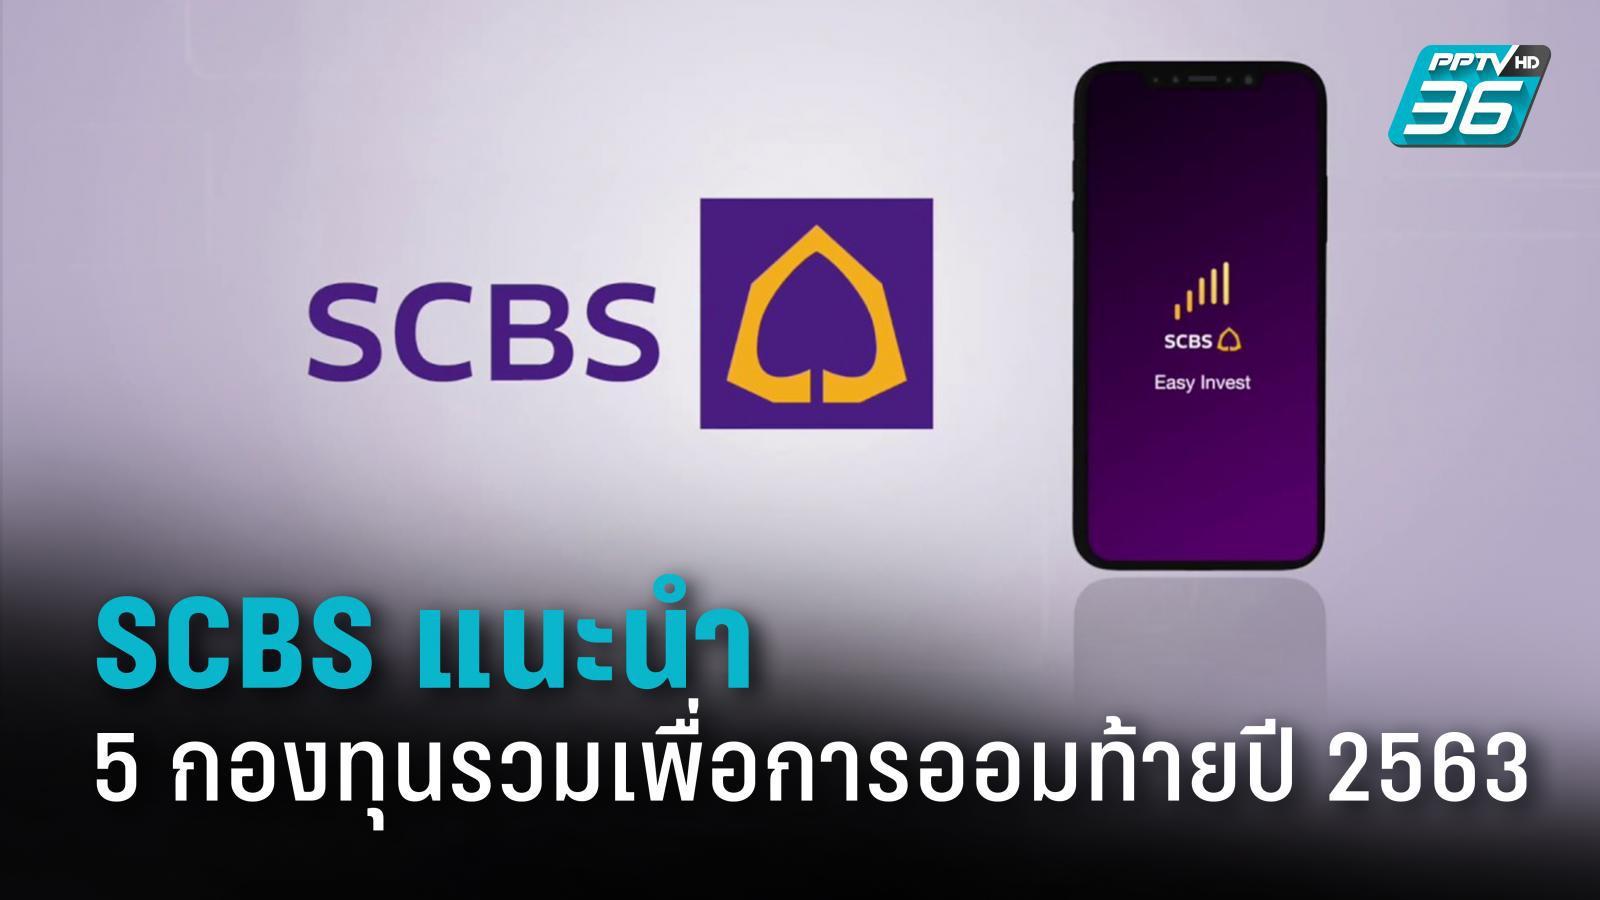 SCBS แนะนำ 5 กองทุนรวมเพื่อการออม (SSF) สุดปังท้ายปี 2563